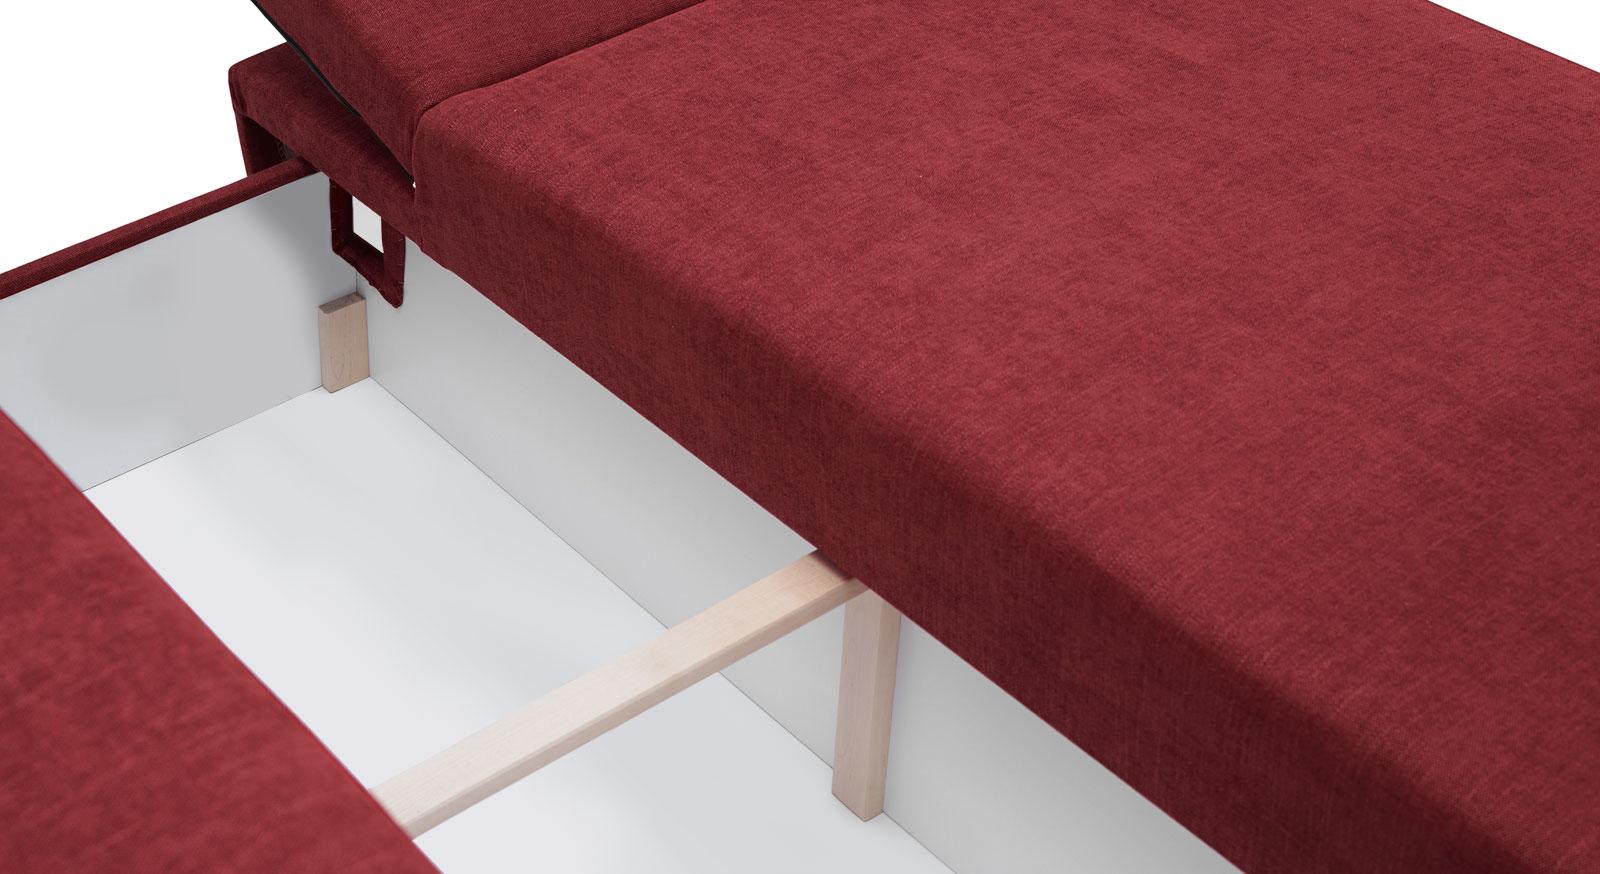 Schlafsofa worauf man beim kauf achten sollte for Sitzgelegenheit jugendzimmer